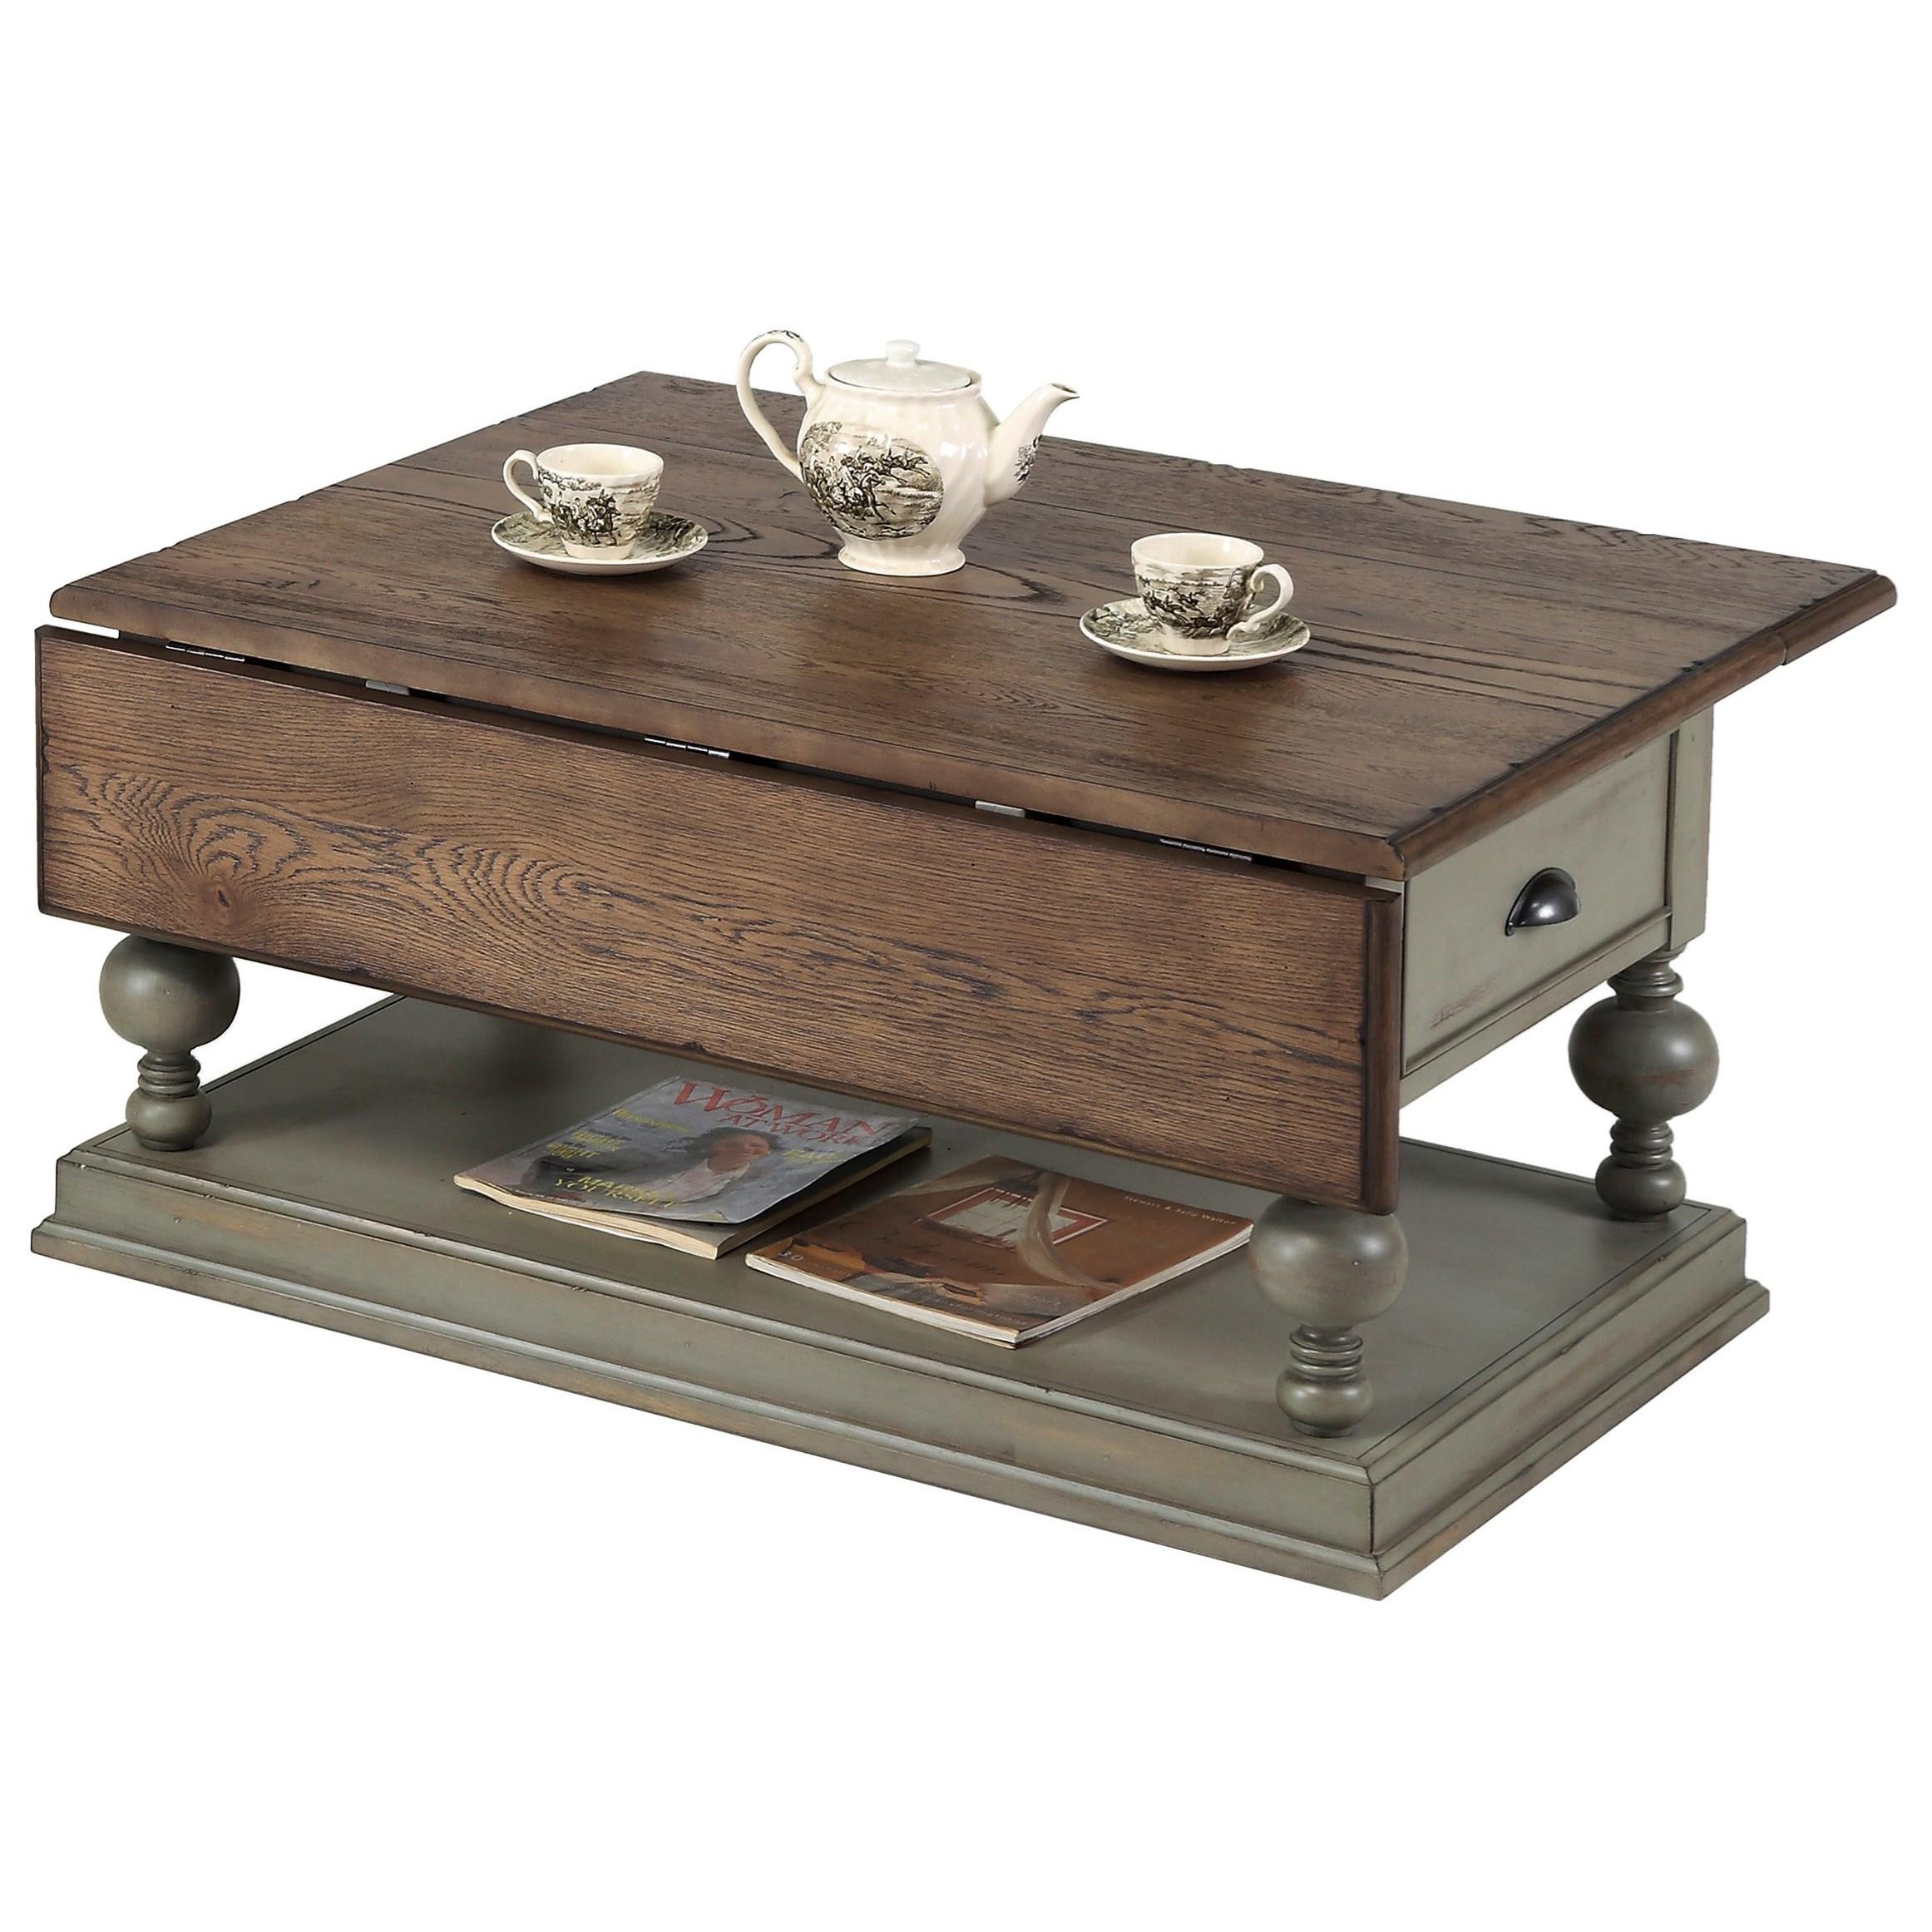 Progressive Furniture Colonnades Drop-Leaf Cocktail Table - Item Number: T580-16